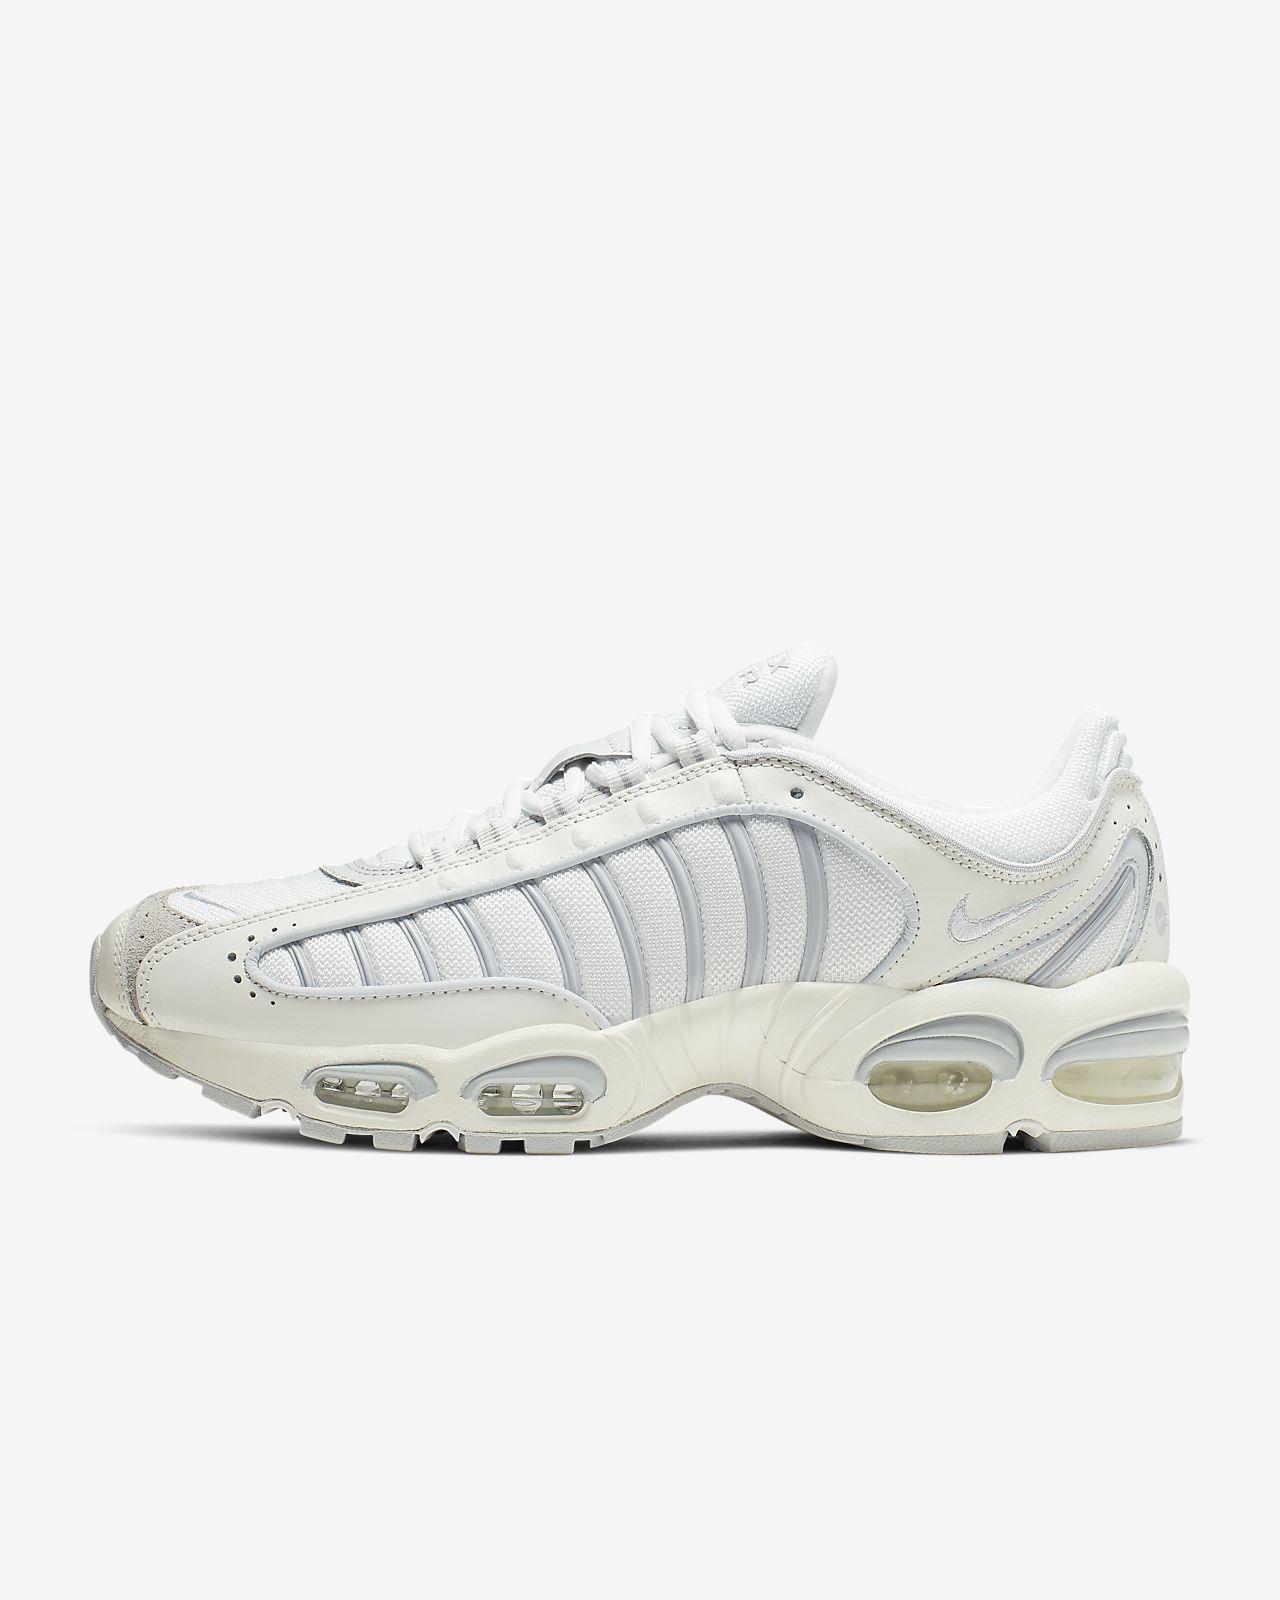 Kophiestore   Chaussures Nike Air Max TailWind IV Hommes